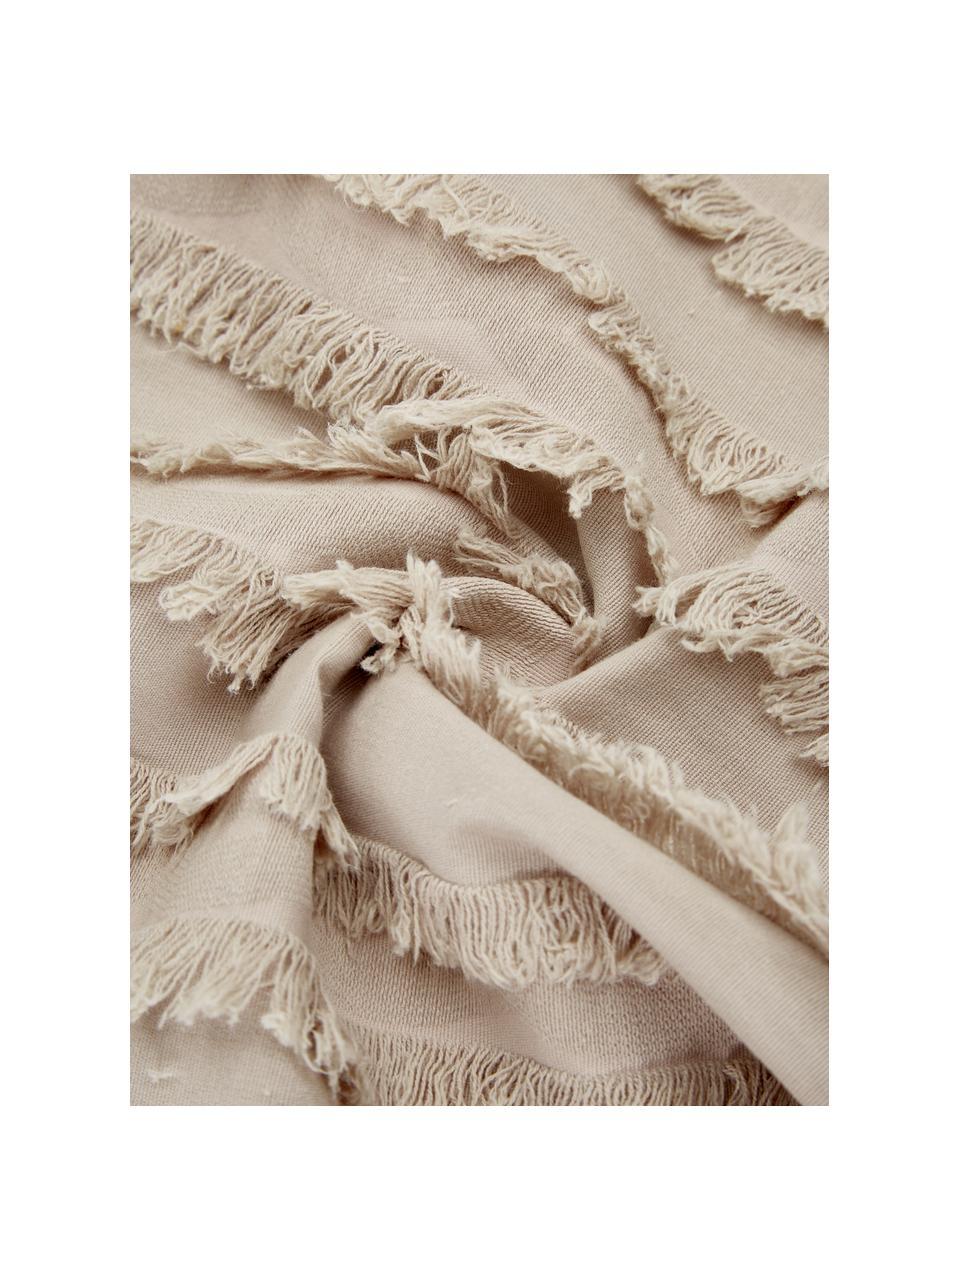 Kissenhülle Jessie in Beige mit dekorativen Fransen, 88% Baumwolle, 7% Viskose, 5% Leinen, Beige, 45 x 45 cm